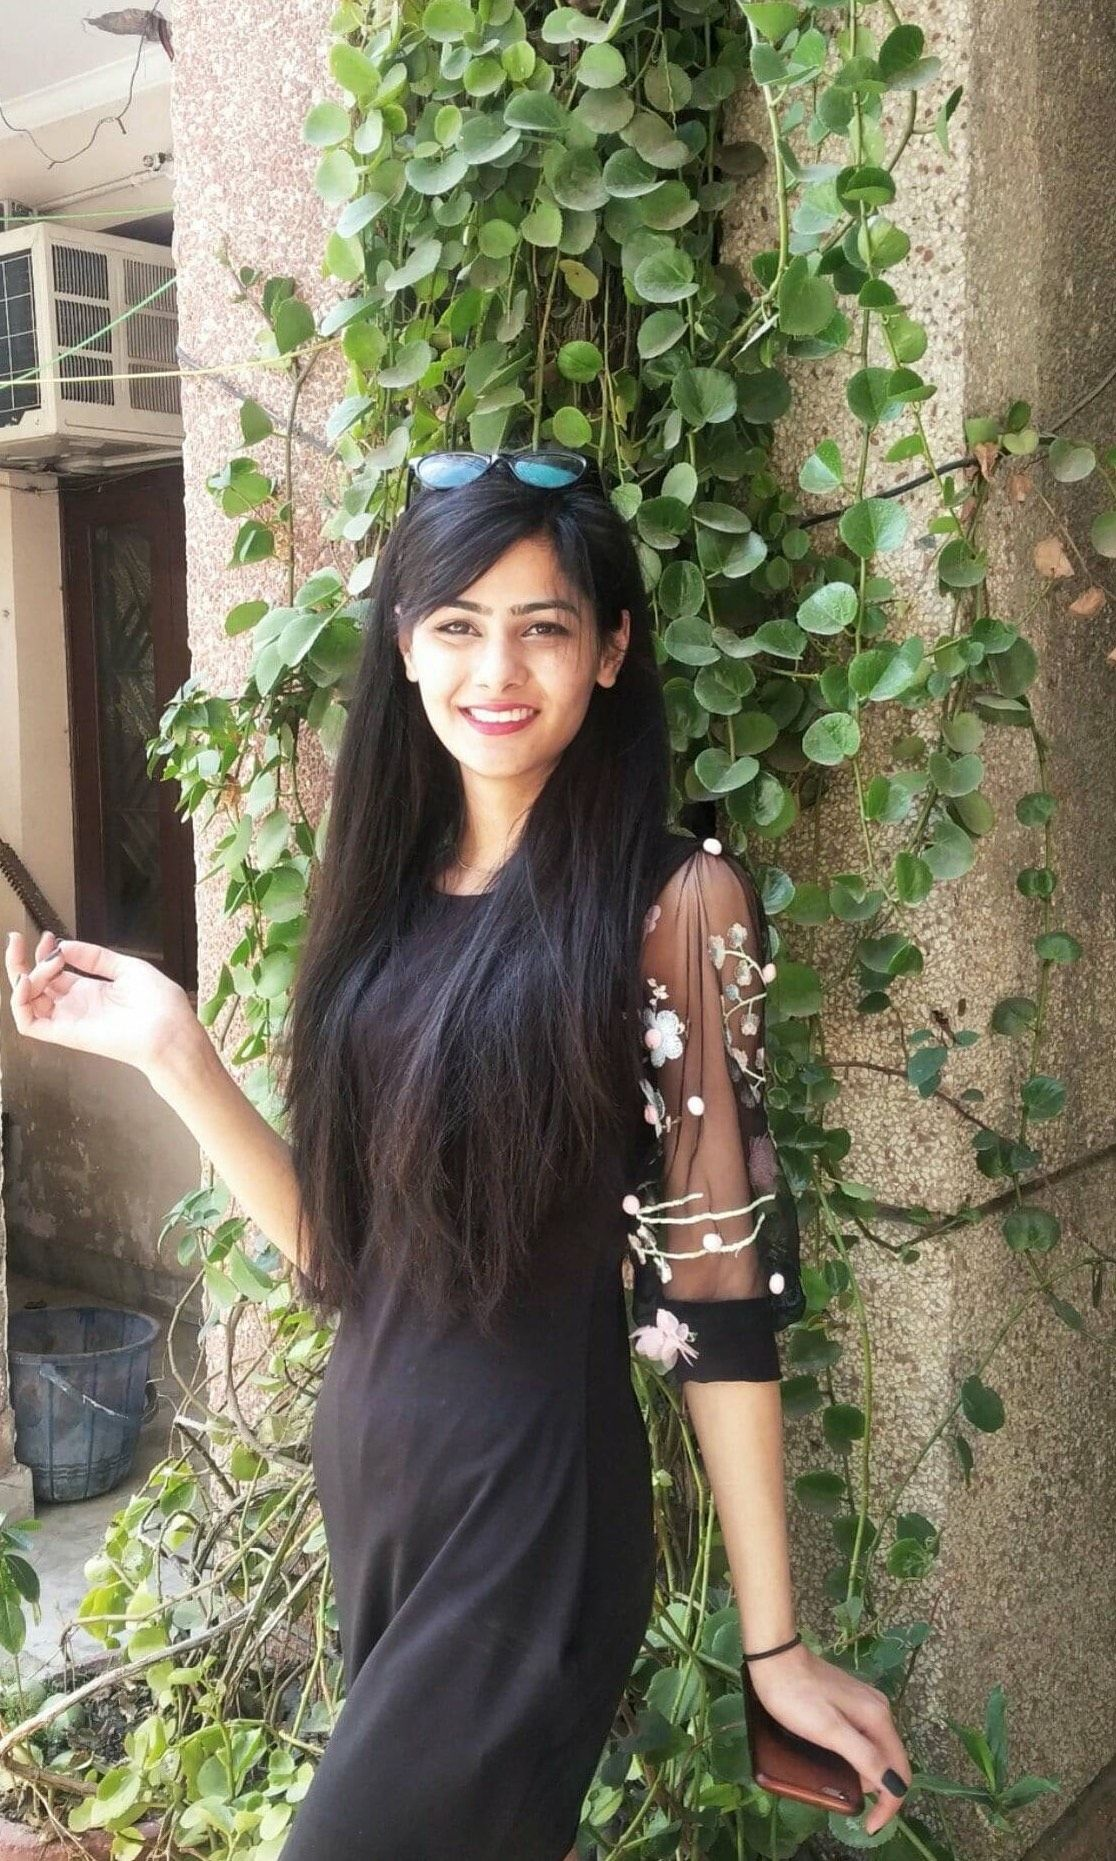 Mahima